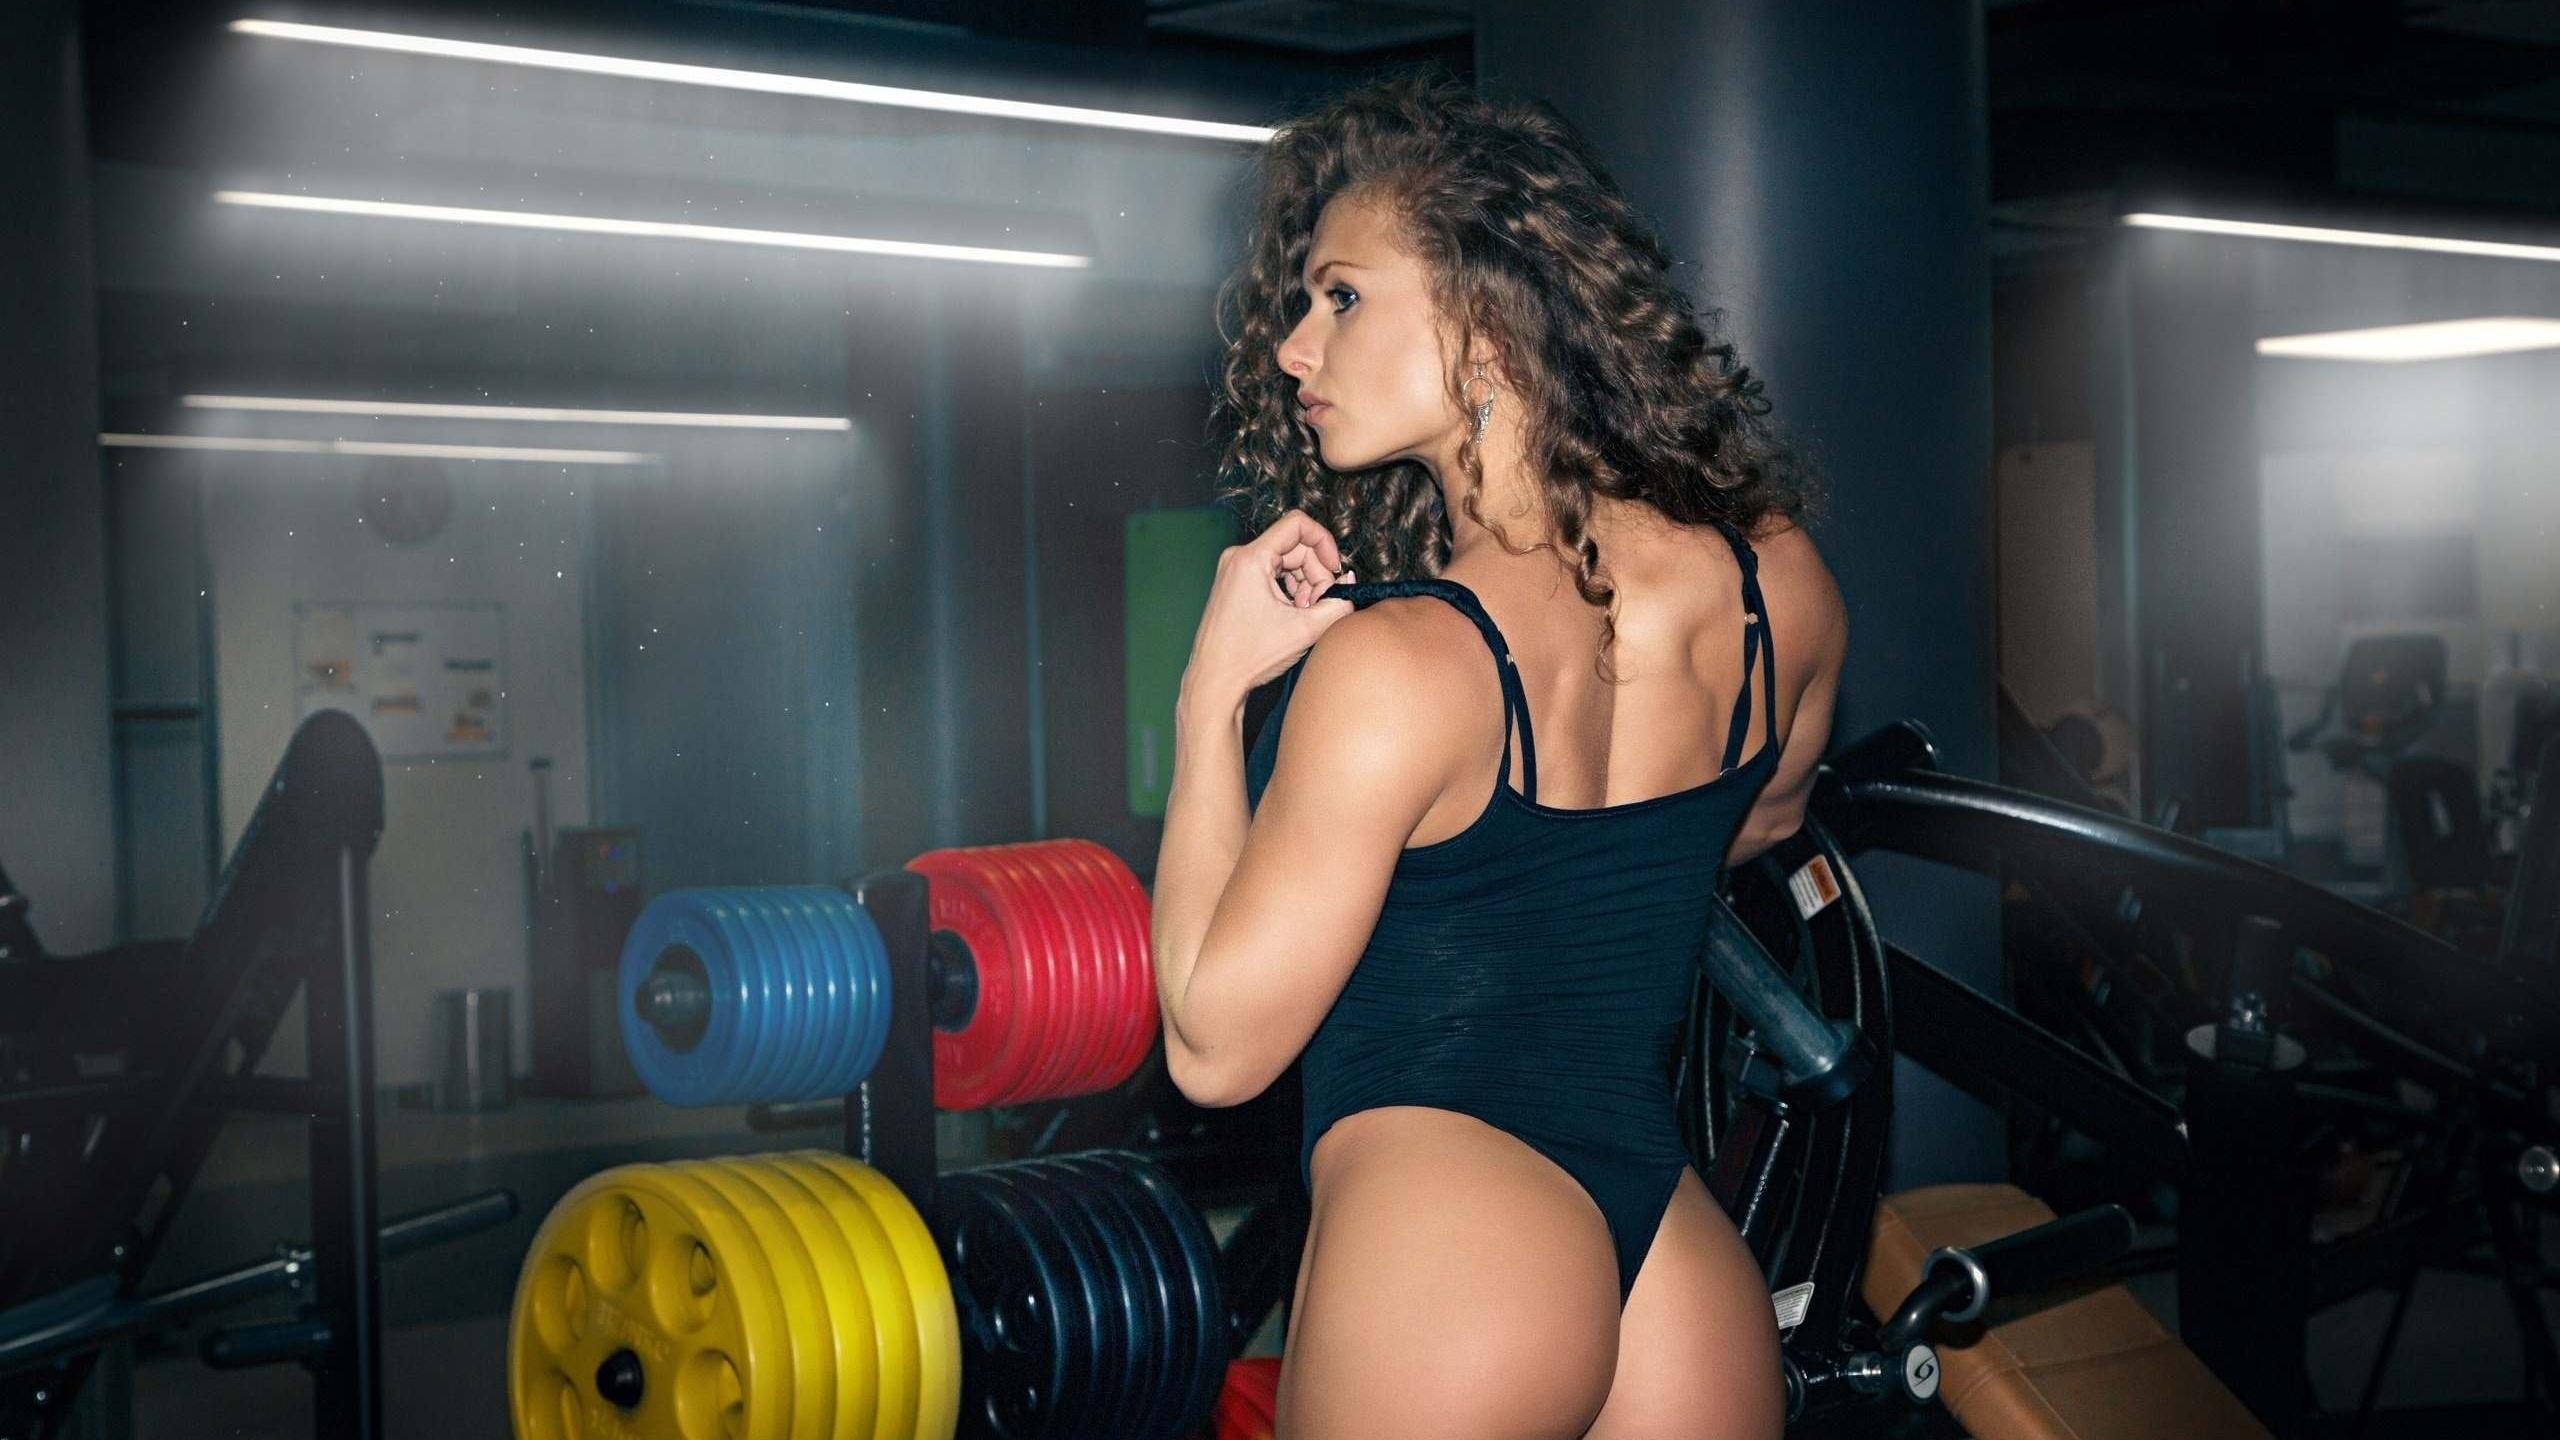 девушки в стрингах в фитнес клубах фото россии украиной